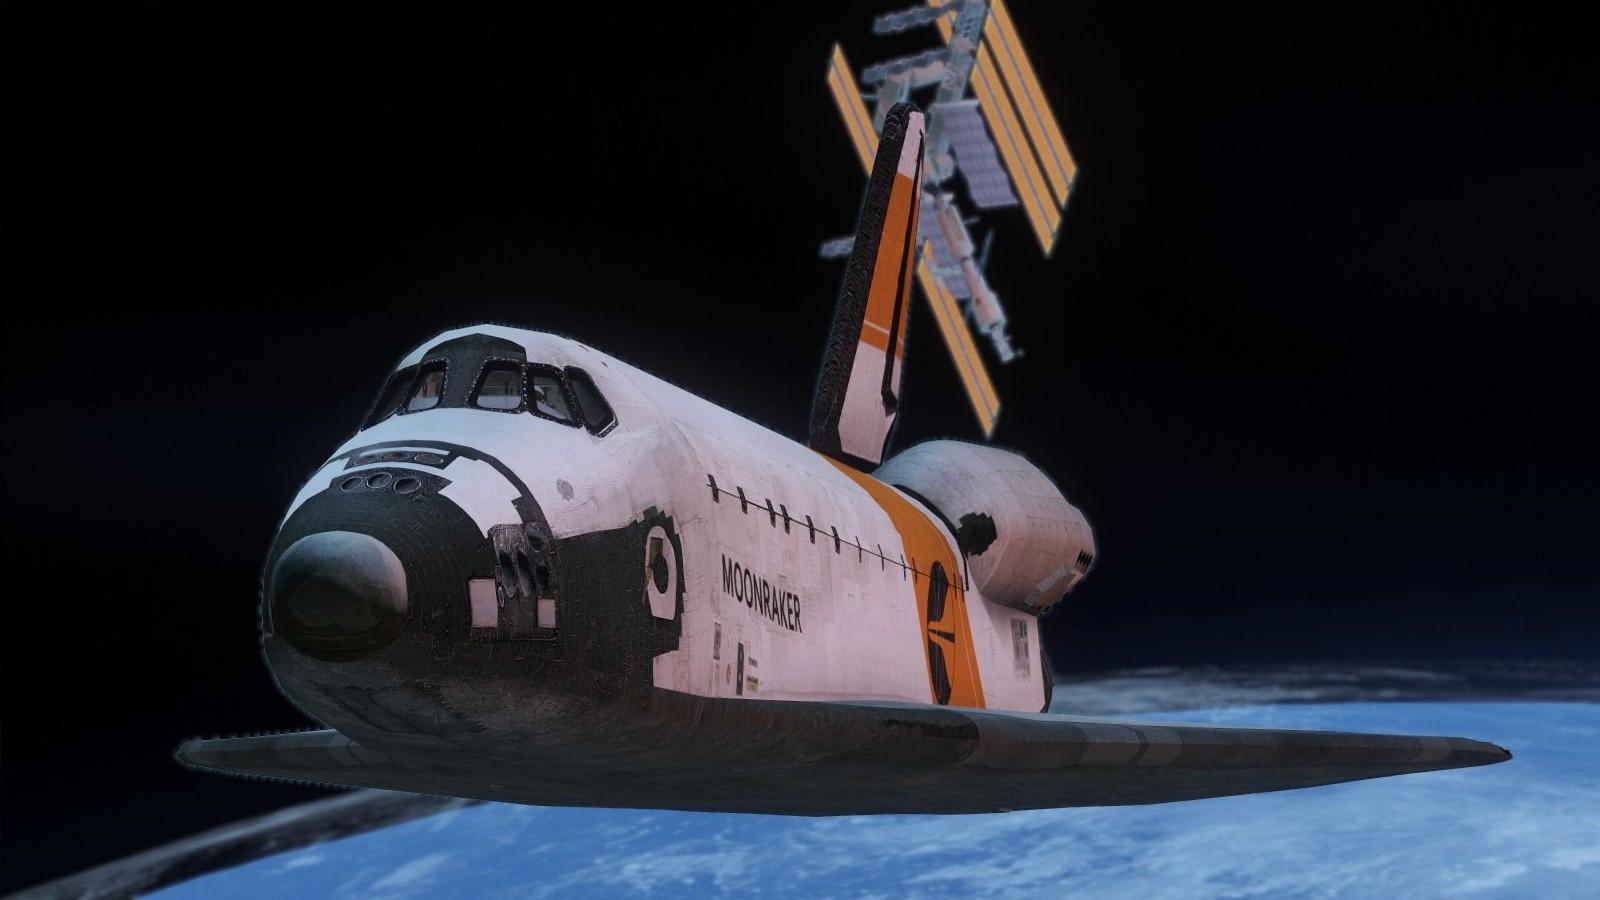 James Bond Moonraker Shuttle